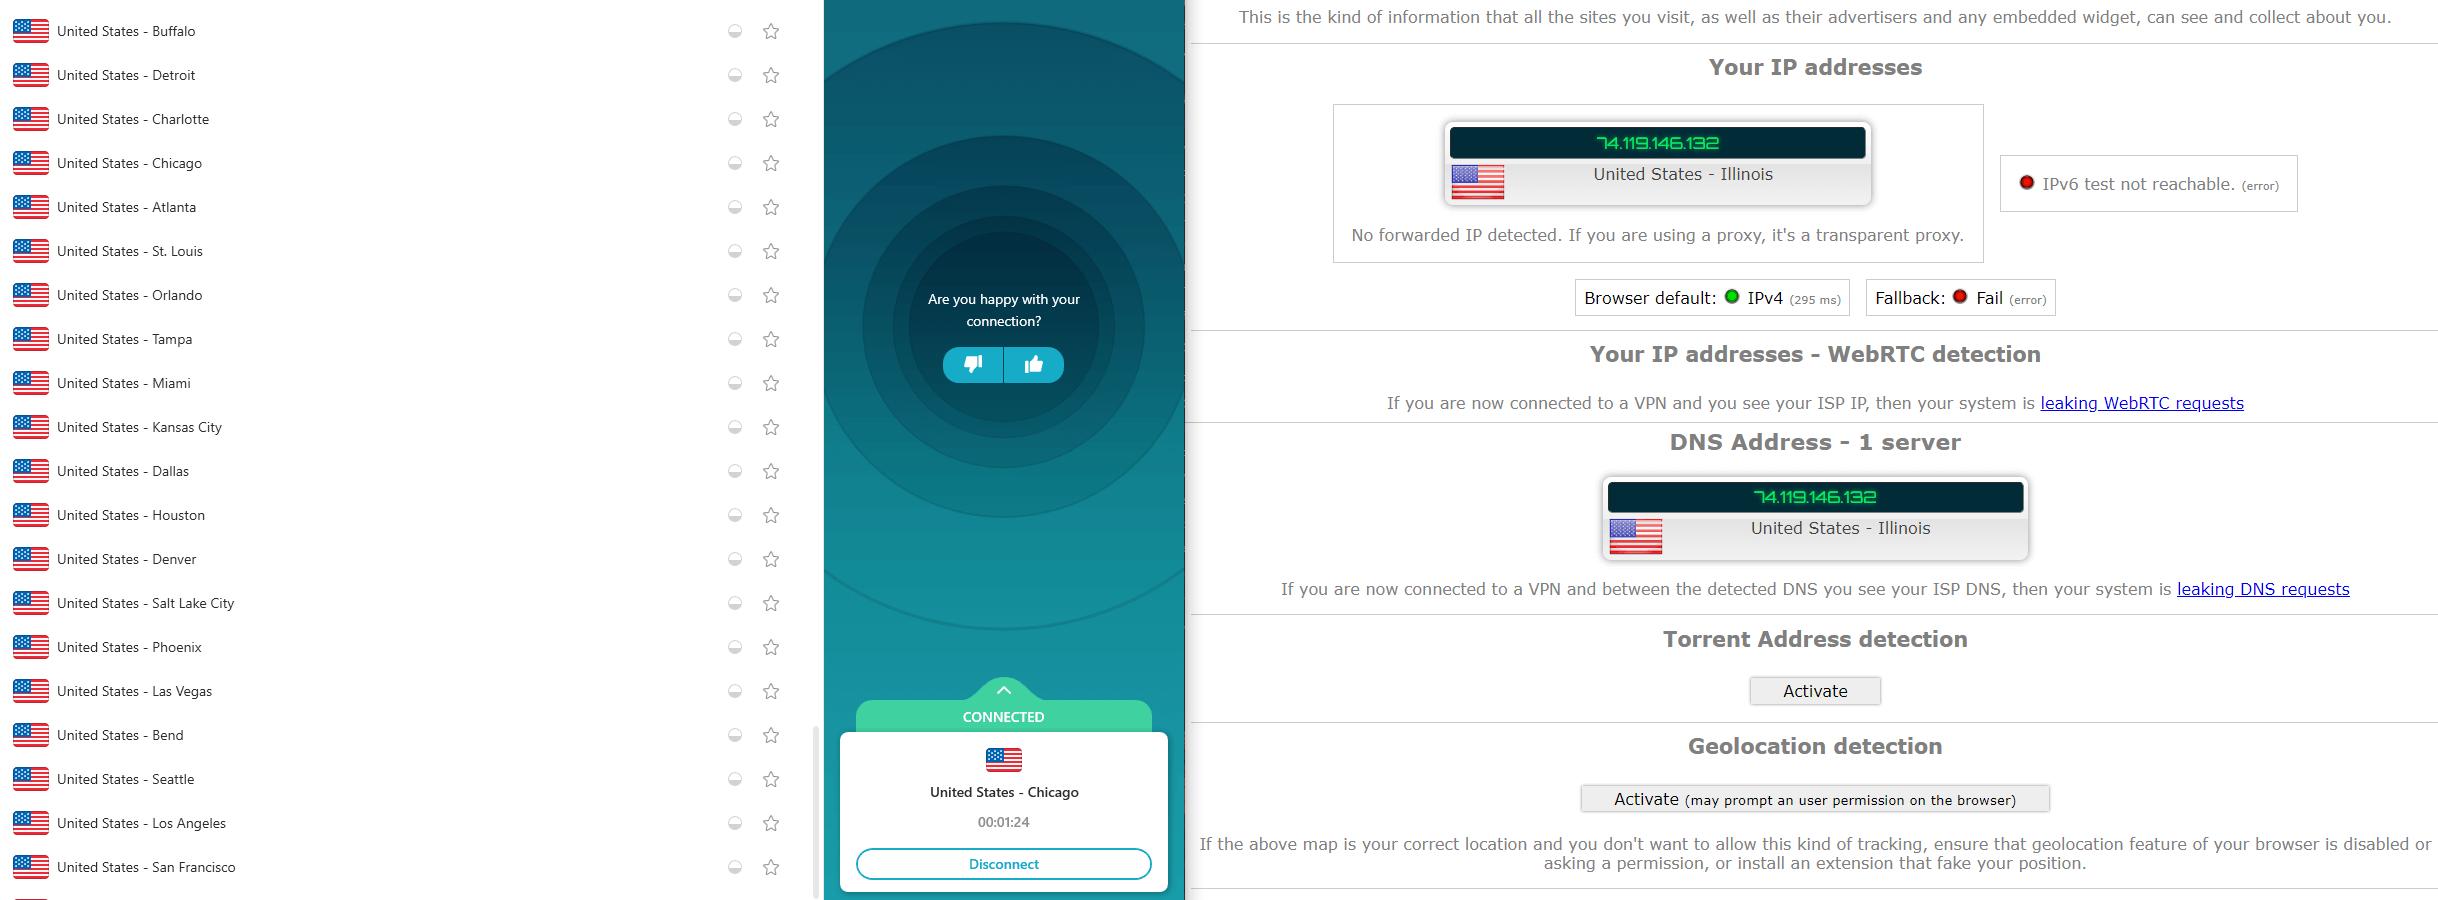 Surfshark IP Leak Test